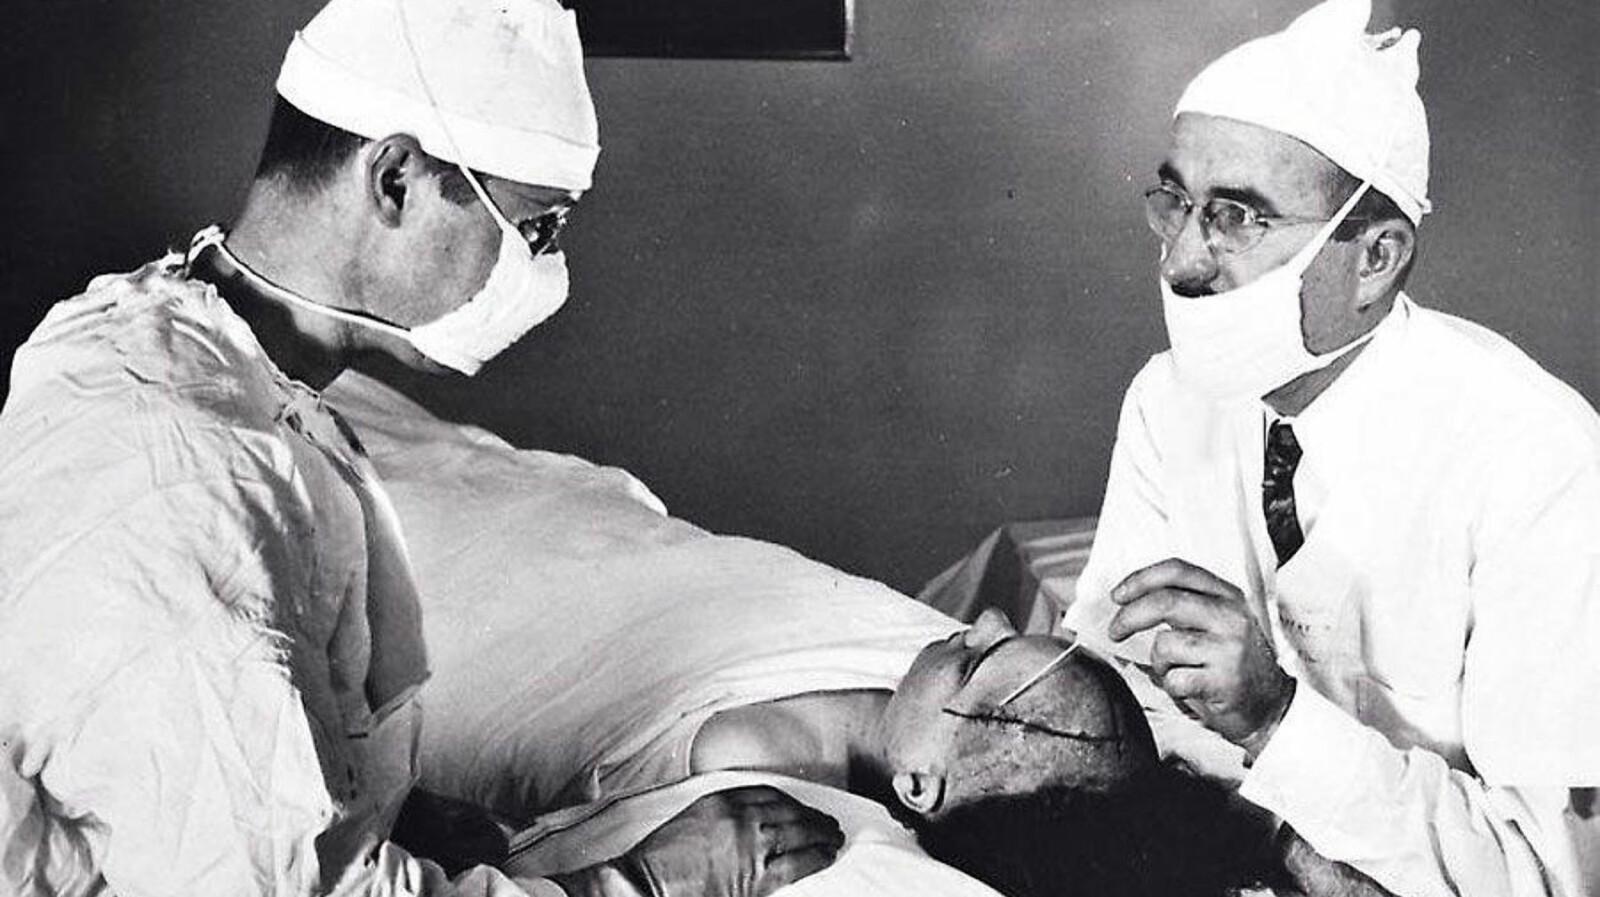 <b>HISTORIENS VERSTE LEGER: </b>Det er ikke alle leger som har jobbet for pasientens beste. Illustrasjonsfoto.